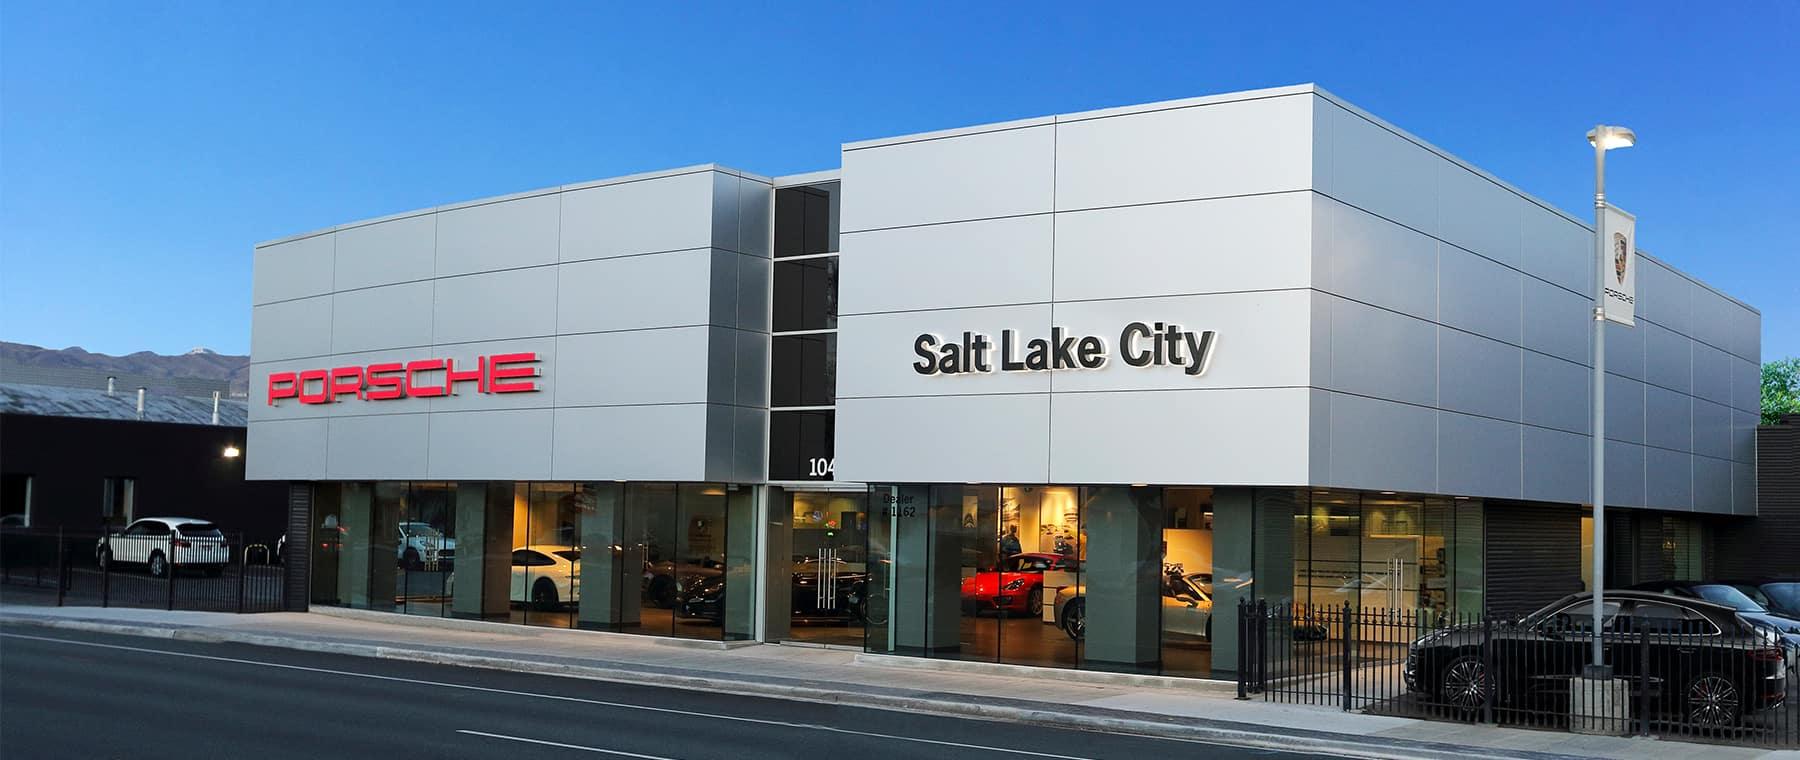 porsche dealer in utah new used vehicles porsche salt lake city. Black Bedroom Furniture Sets. Home Design Ideas